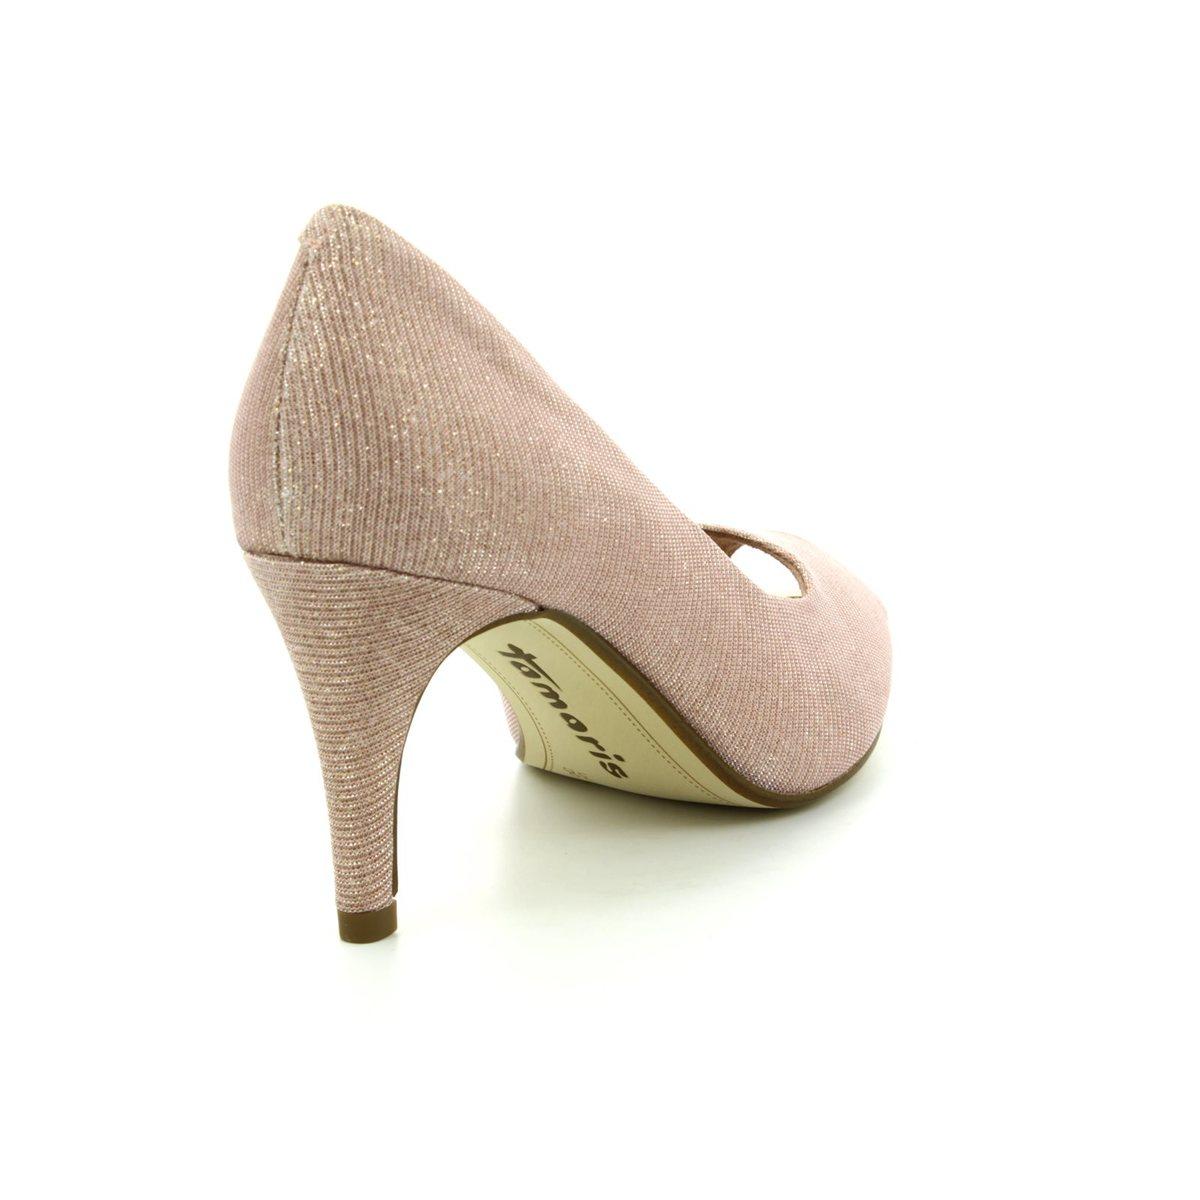 3a7179a34f9bfe Tamaris High-heeled Shoes - Pink - 29302 20 552 ANAYA